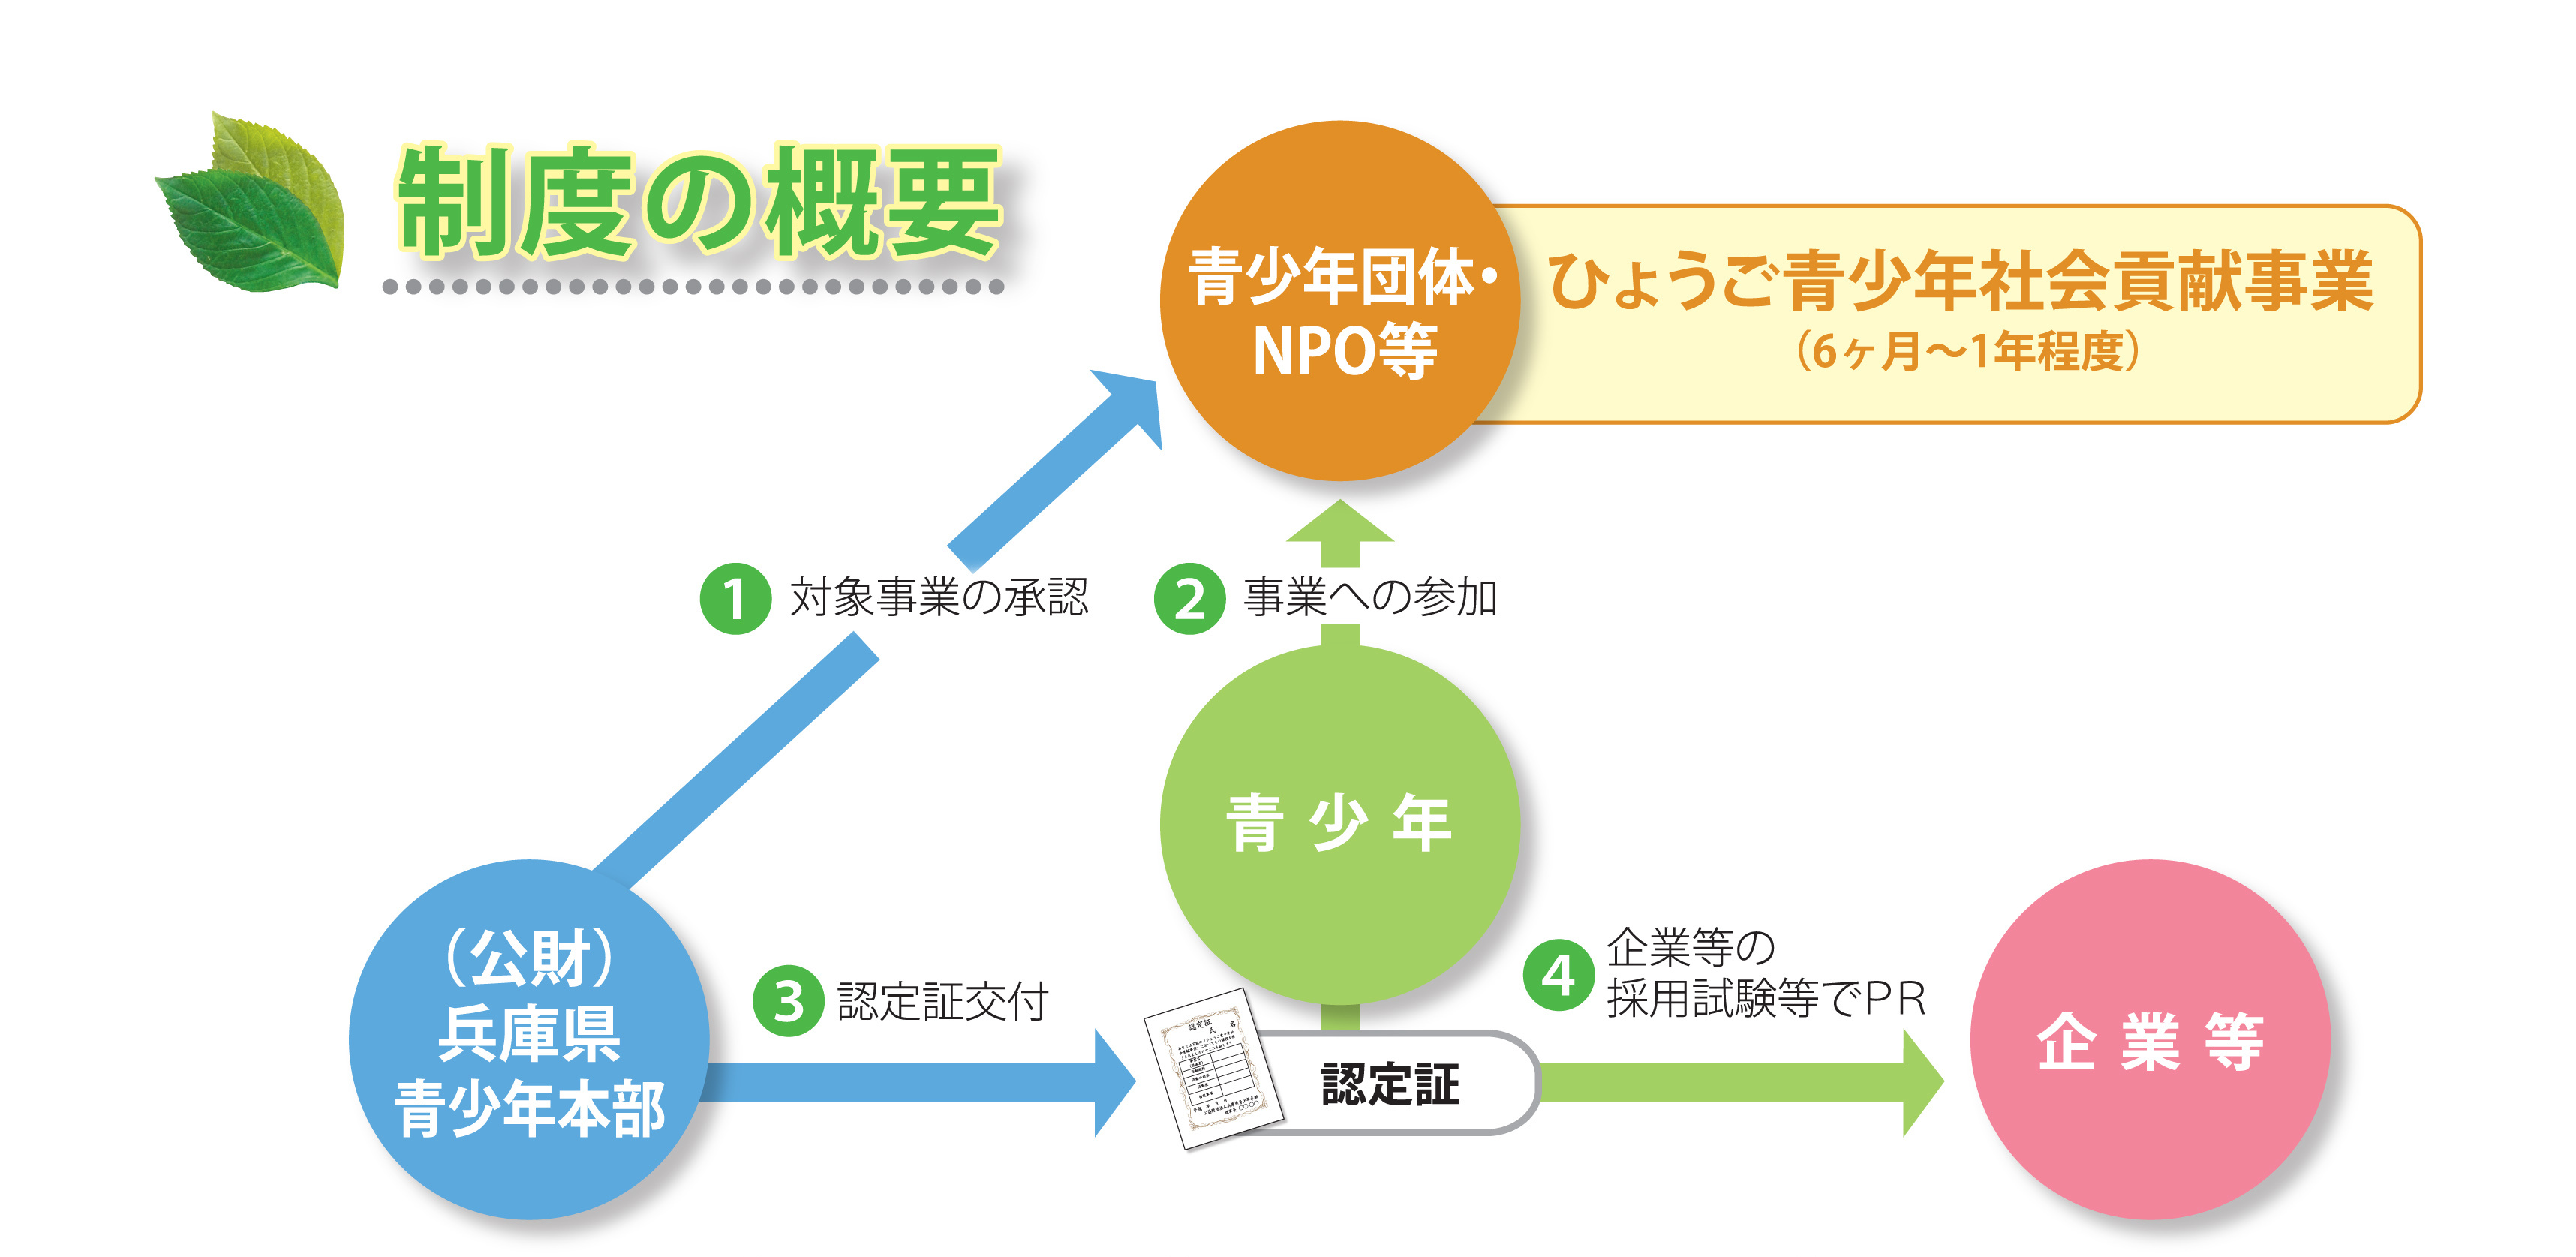 社会貢献活動認定 | 兵庫県青少年本部